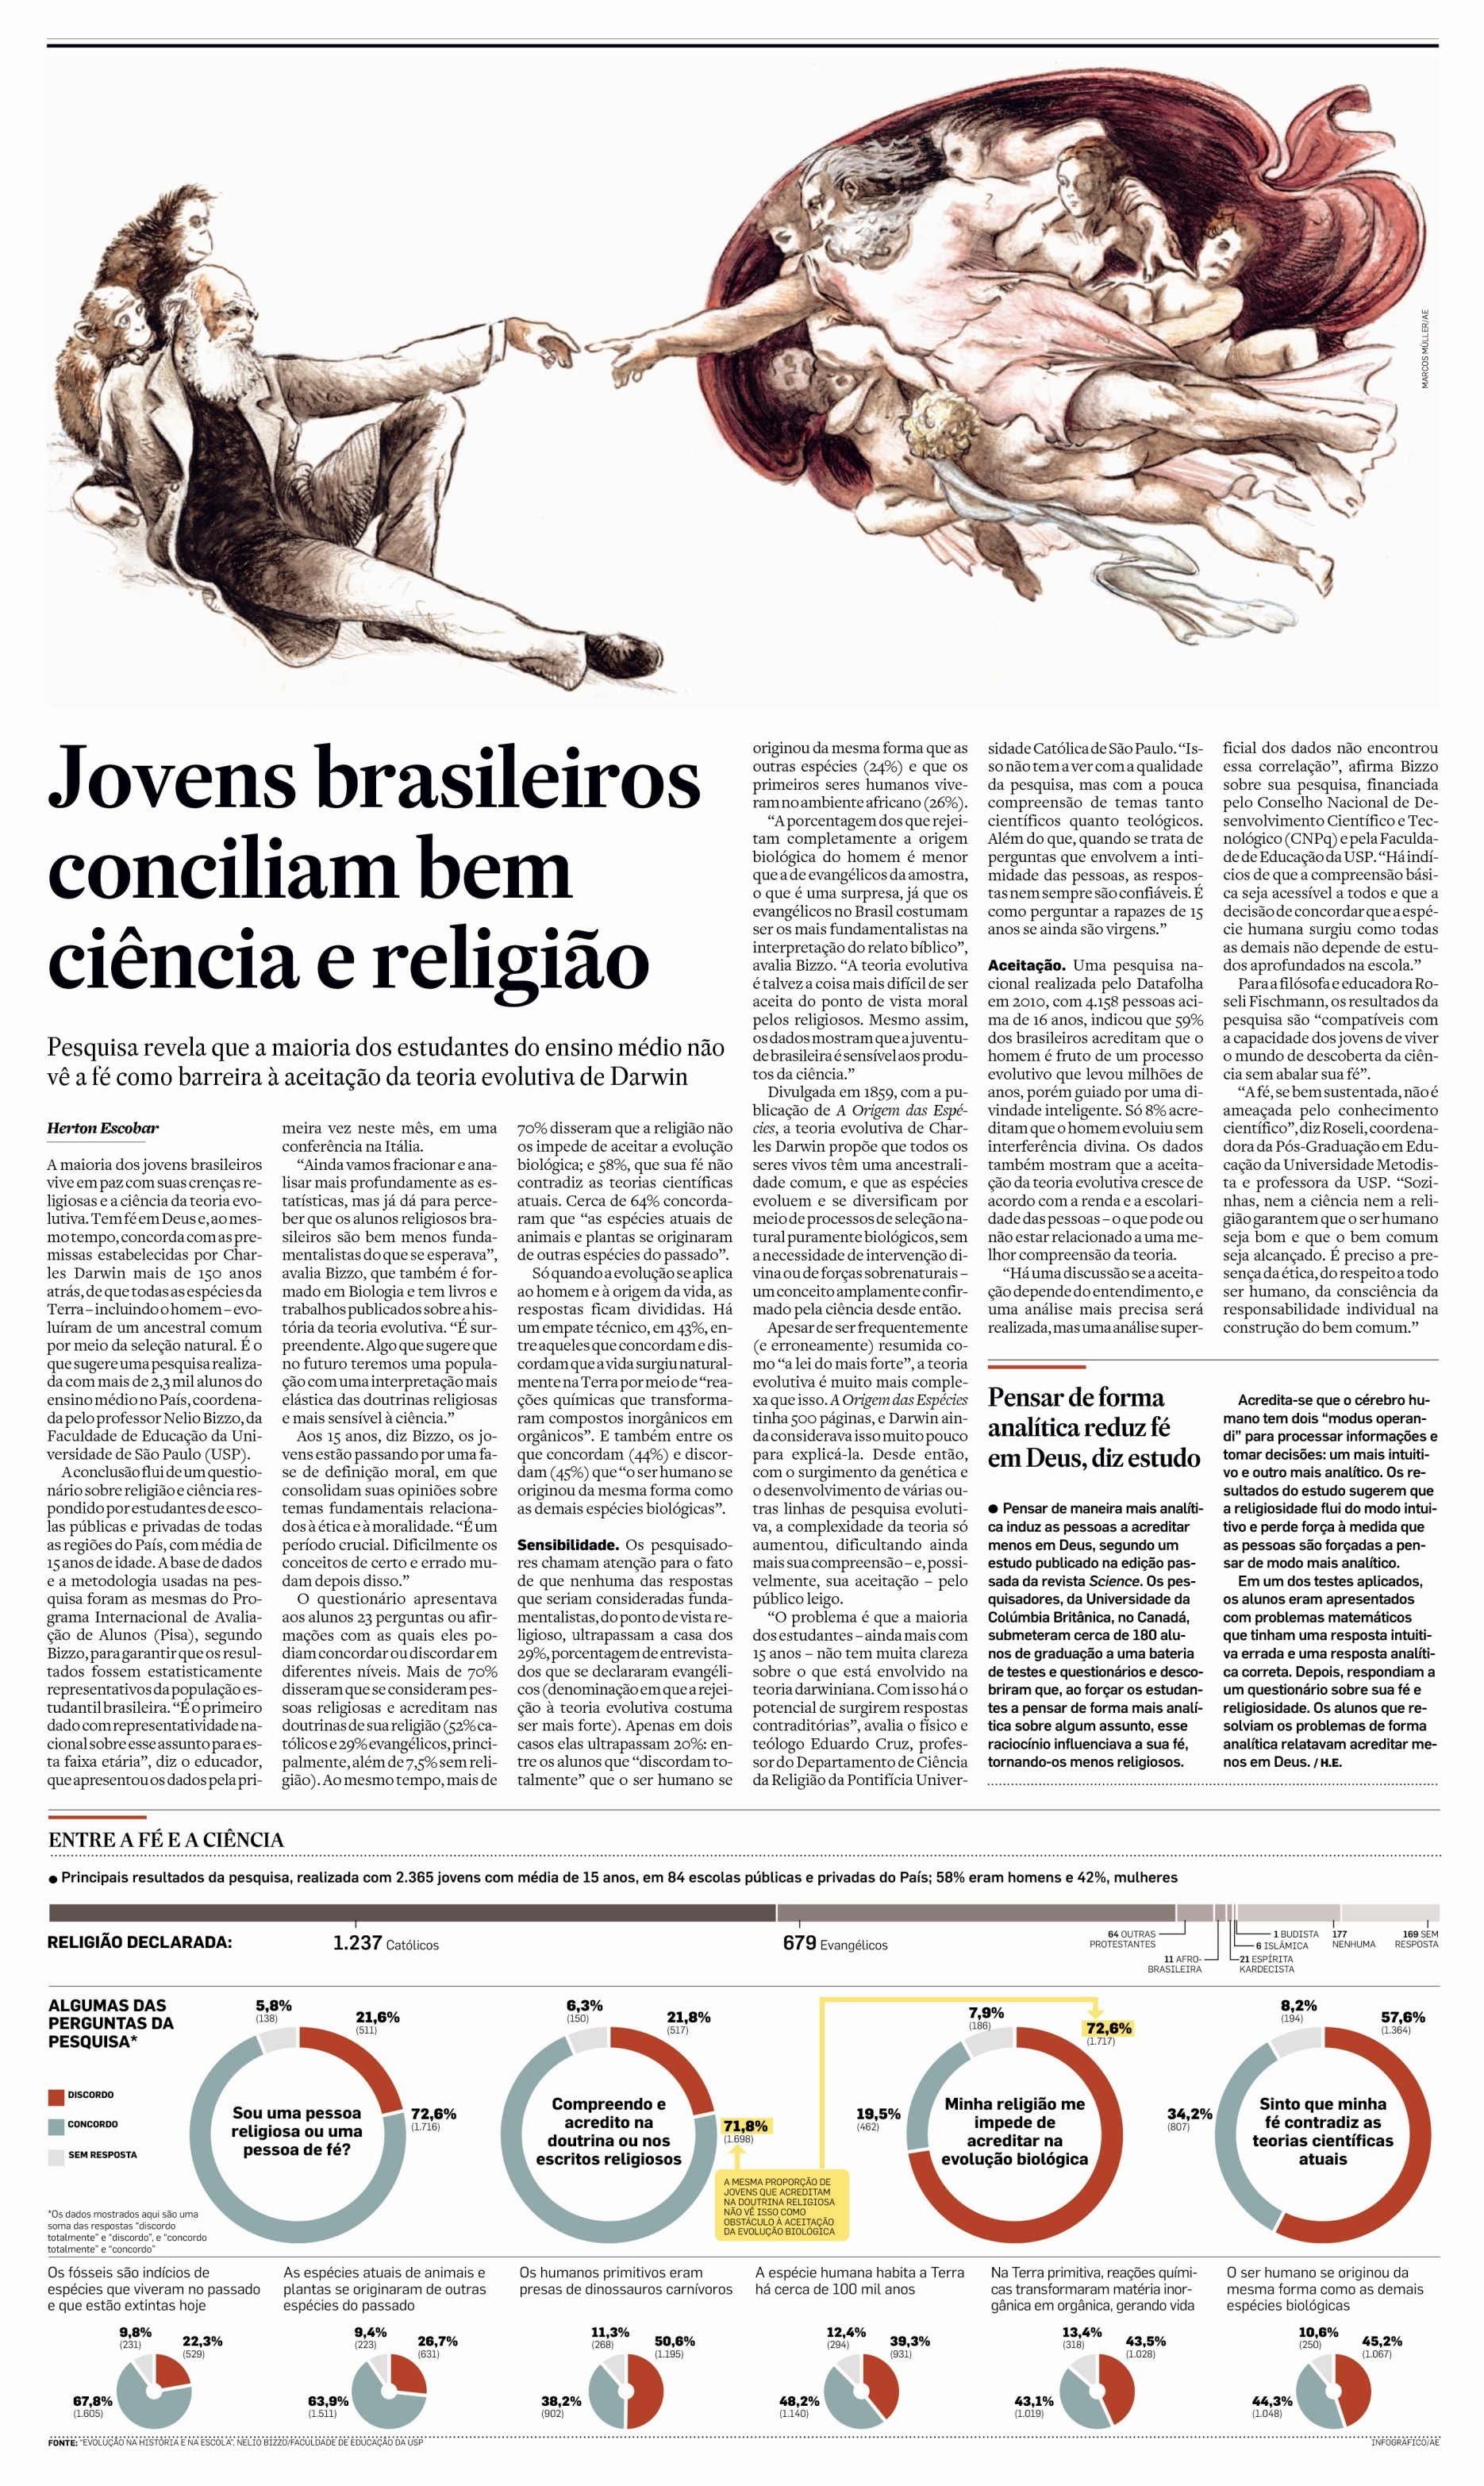 Jovens brasileiros conciliam bem ciência e religião